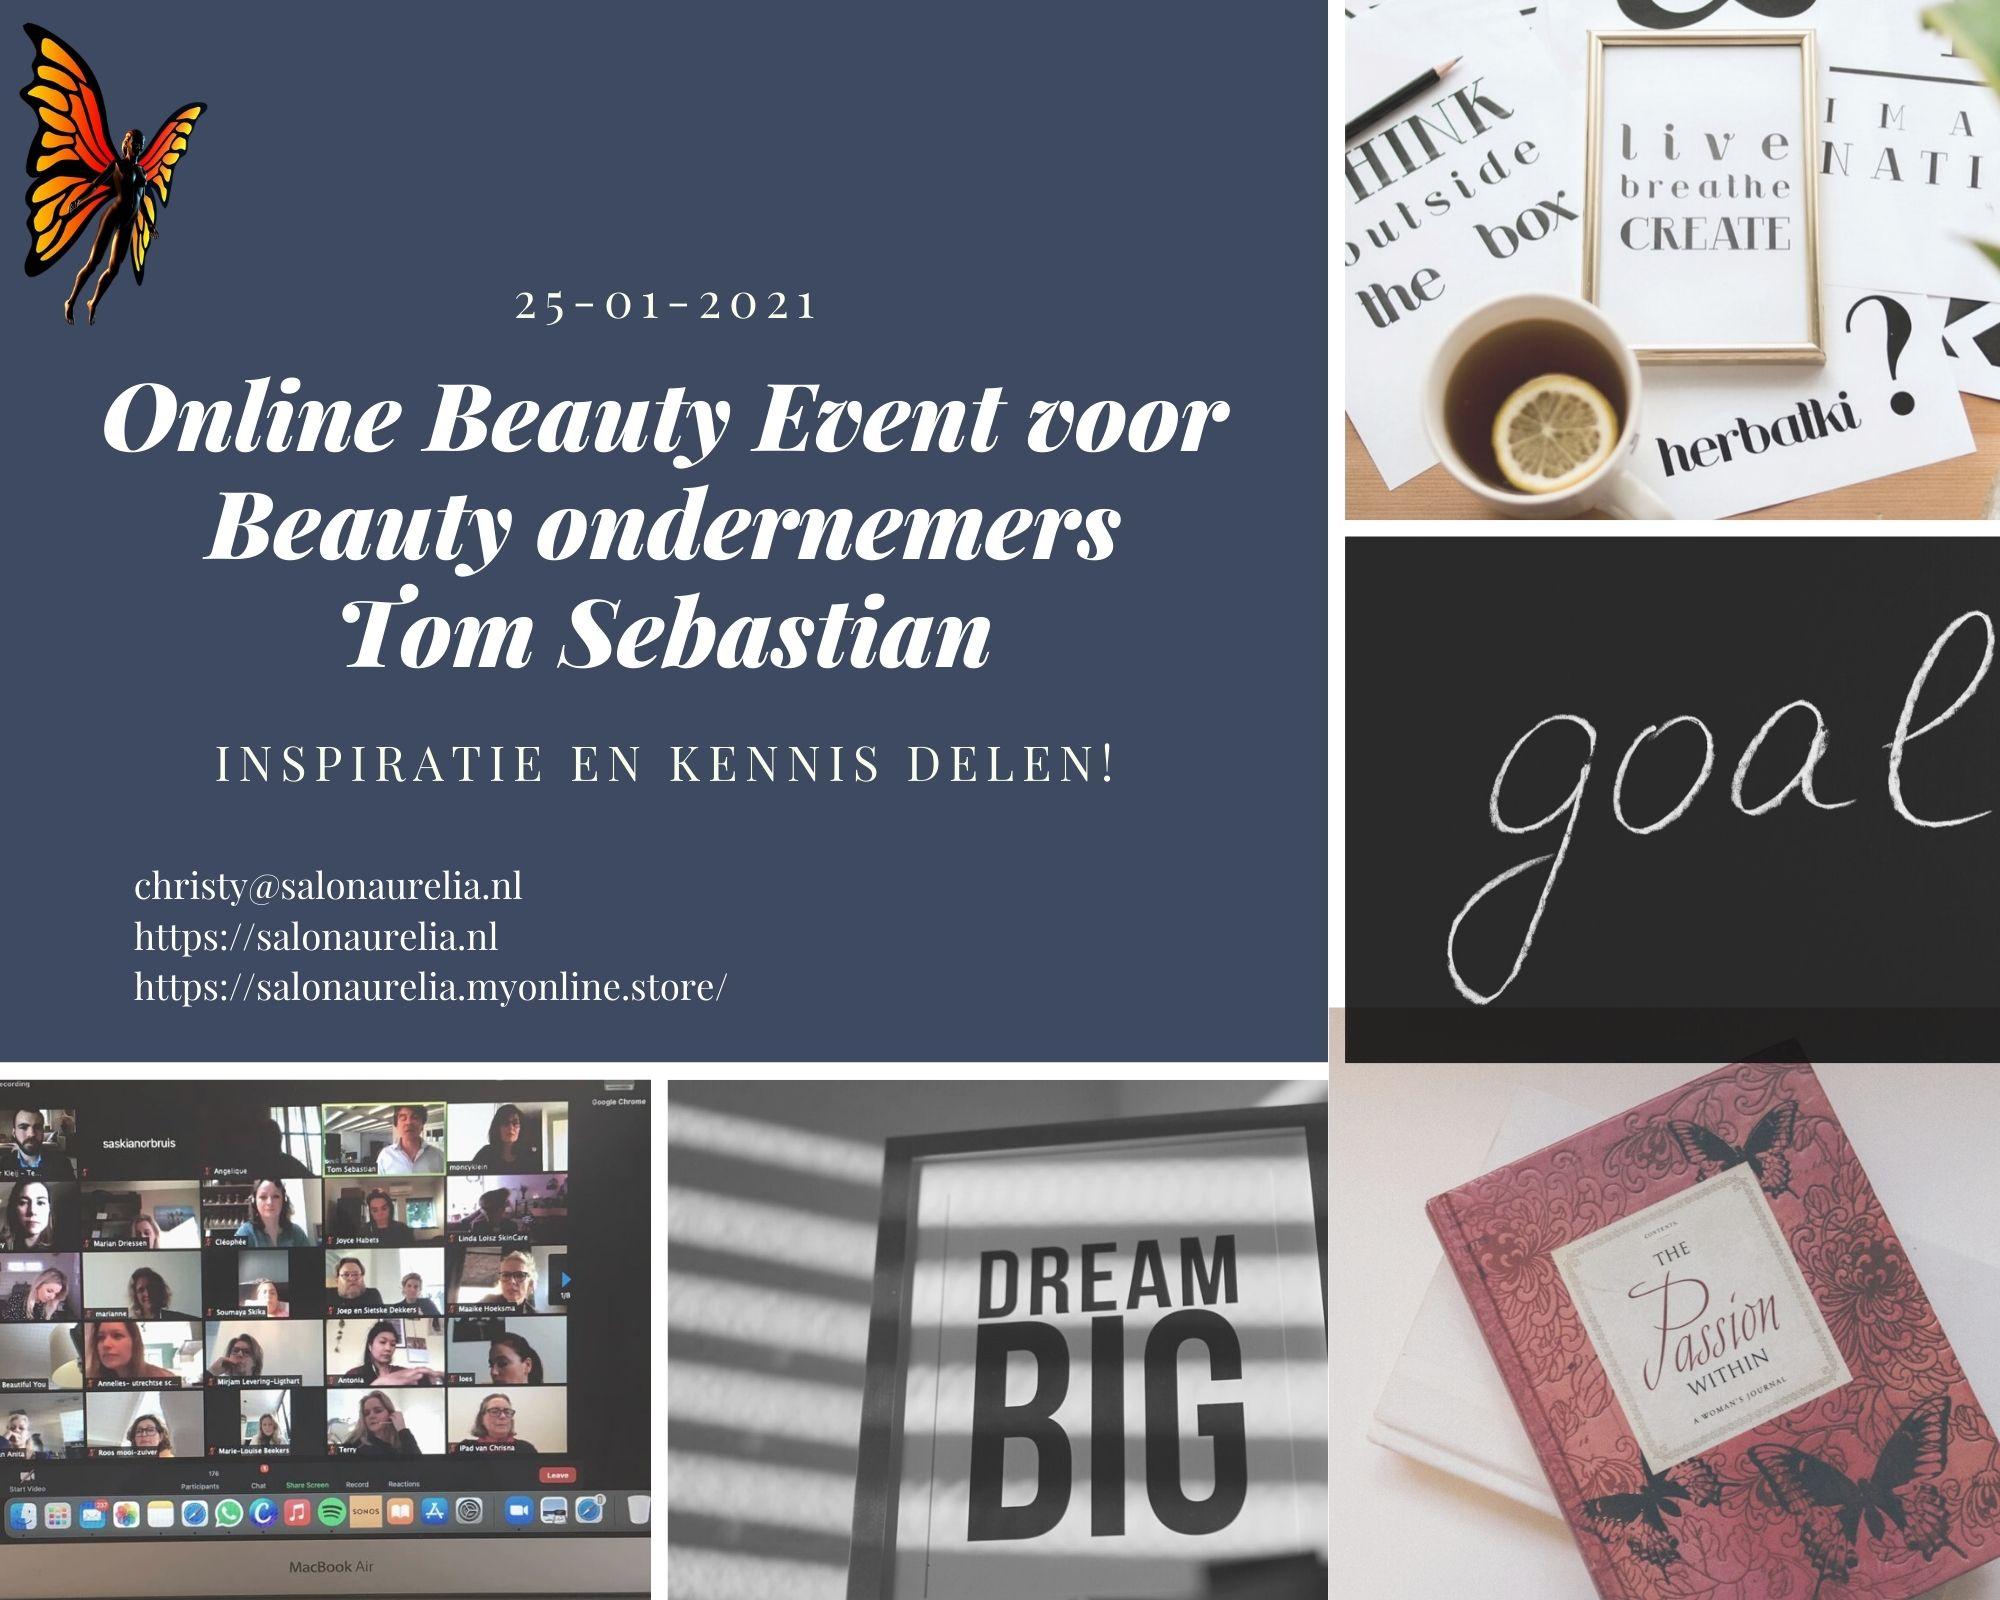 Online Beauty Event Tom Sebastian, Aurelia Schoonheids- en pedicuresalon Sibculo